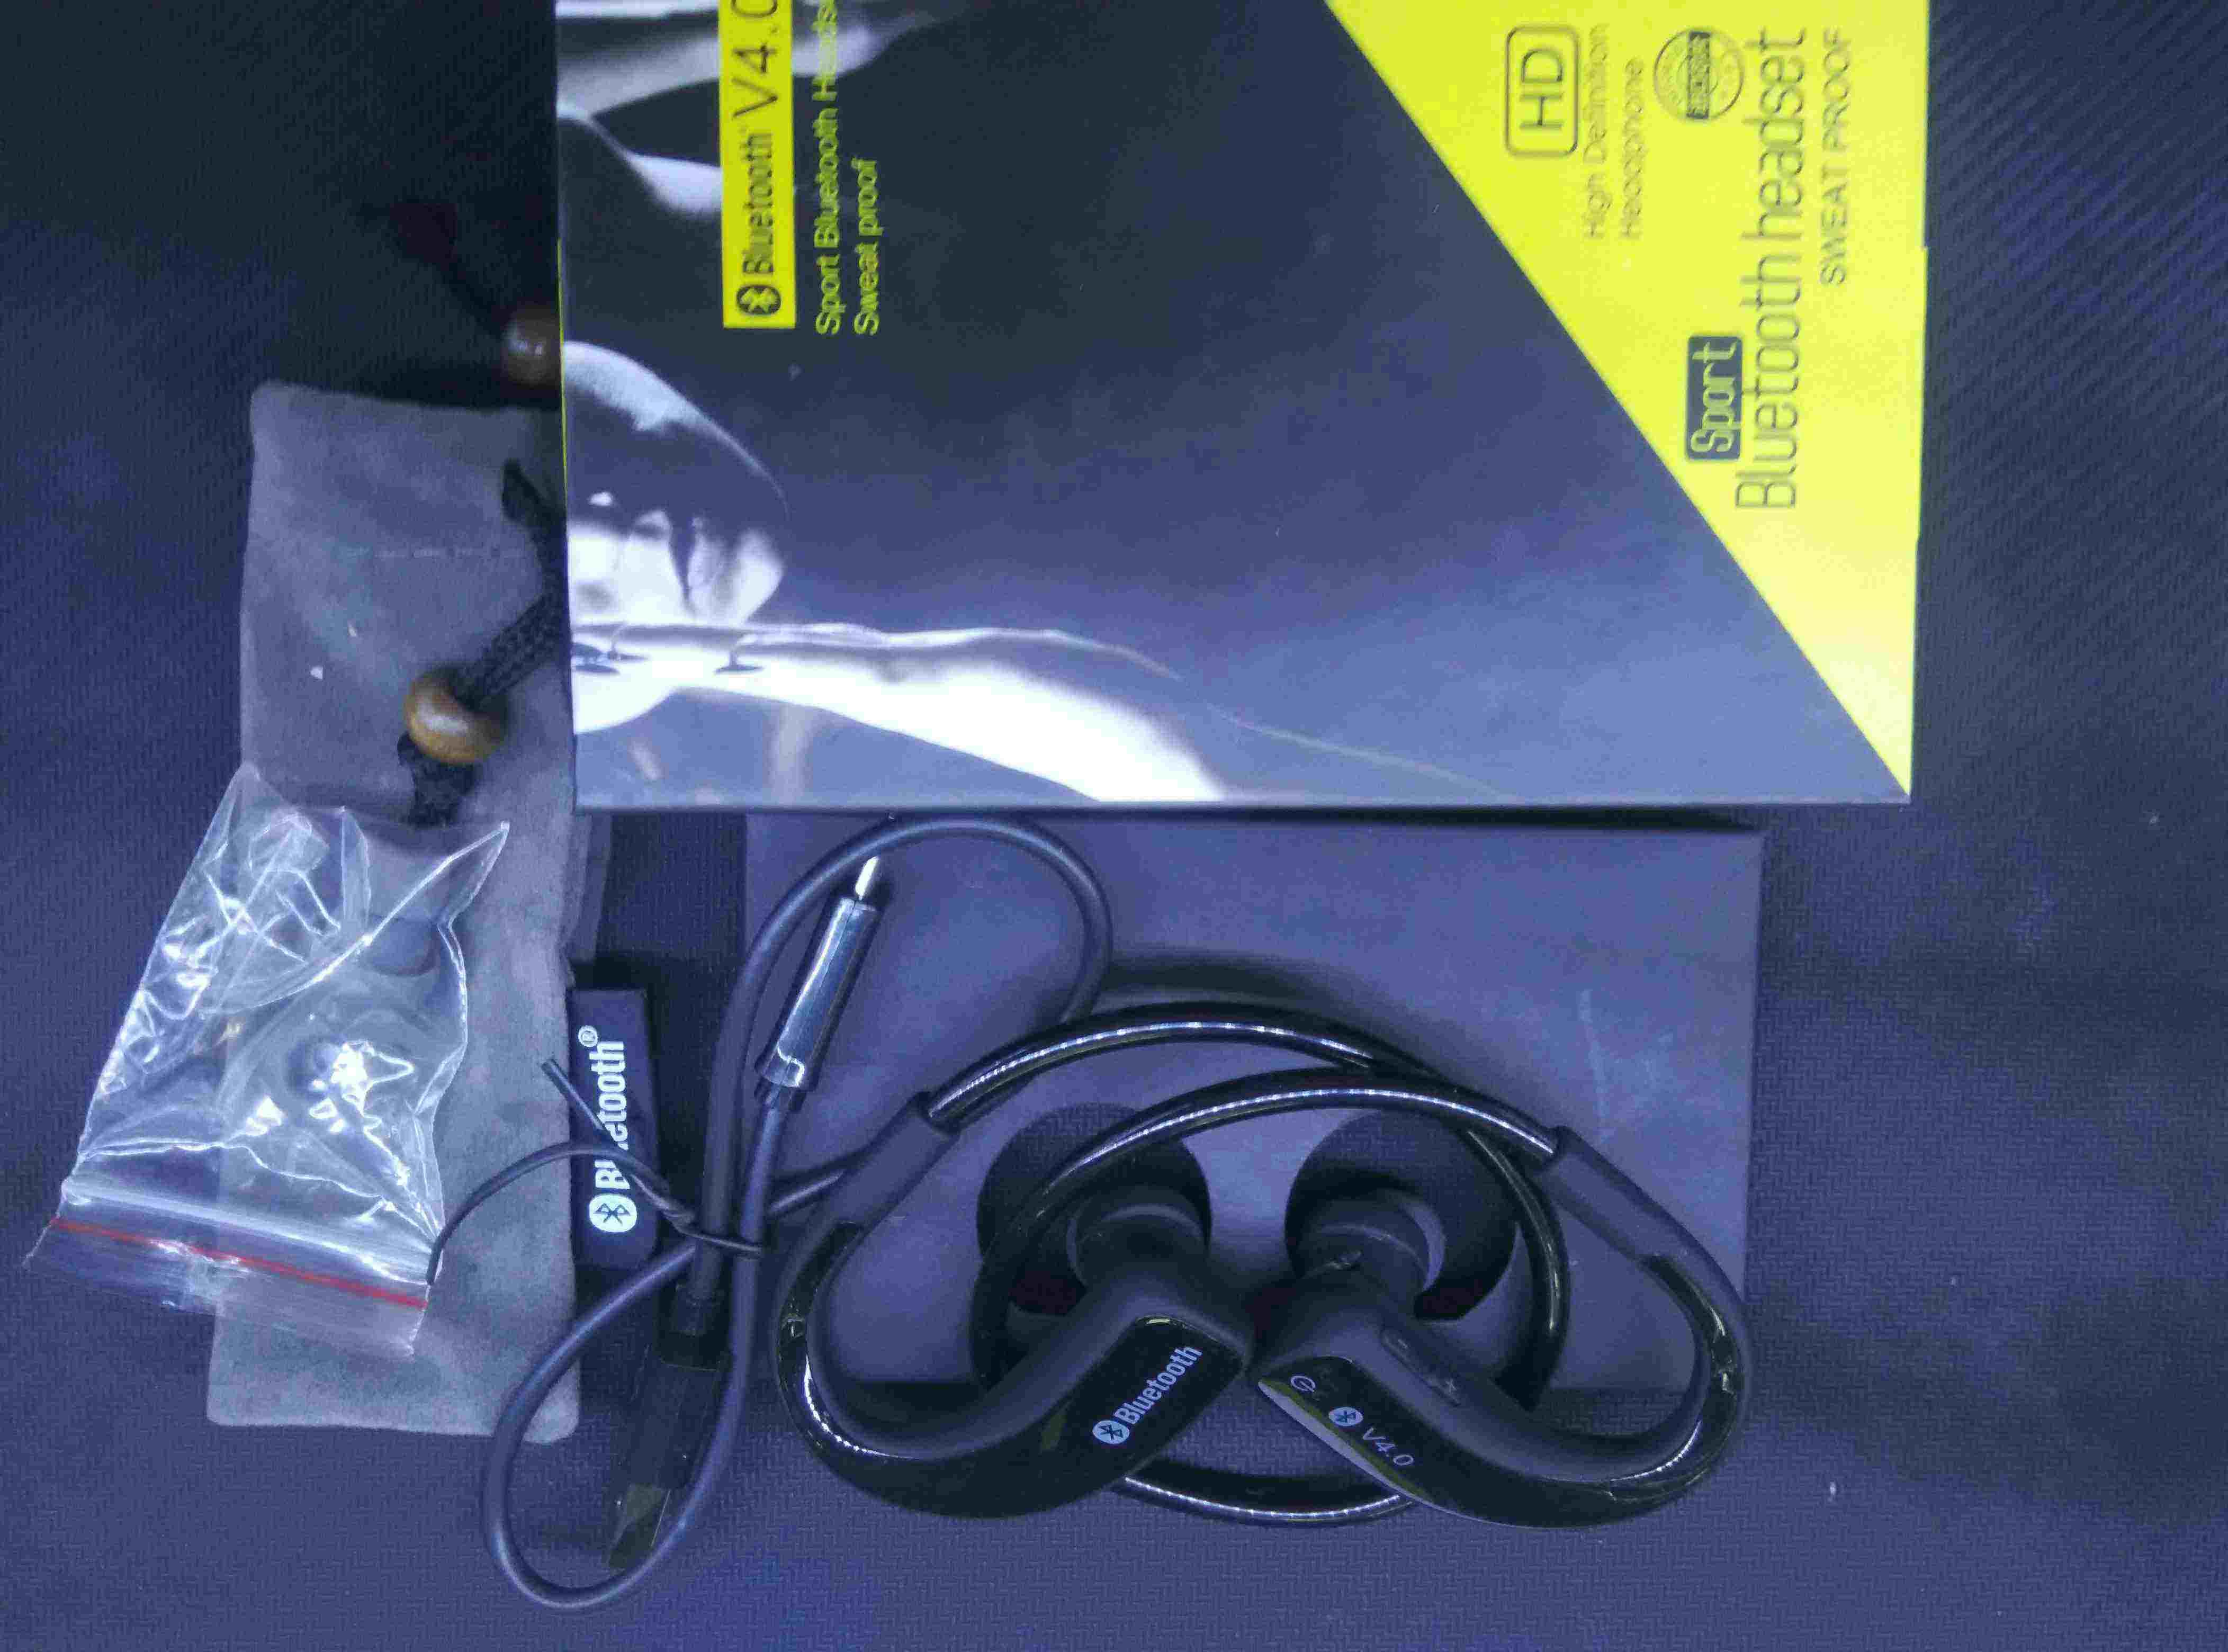 Higi Sm808 Bluetooth Stereo Wireless 4.1 Headphones for Samsung